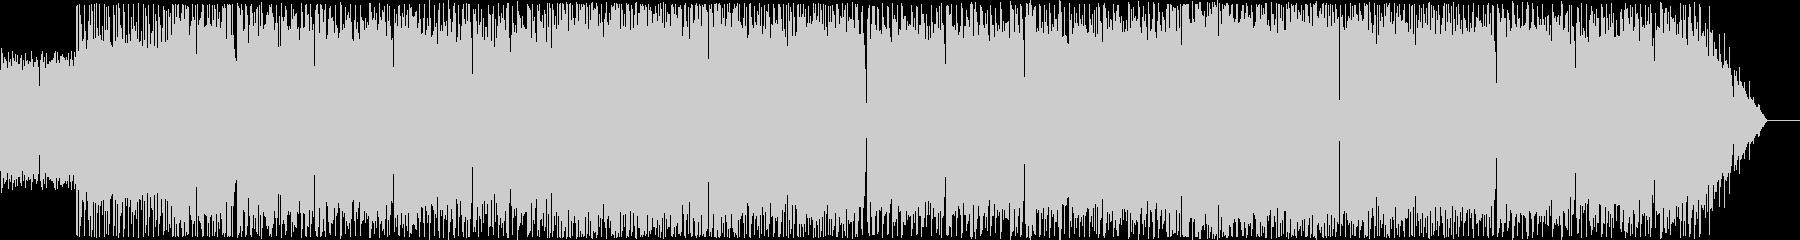 ヘヴィメタルを用いた行進曲モチーフの未再生の波形